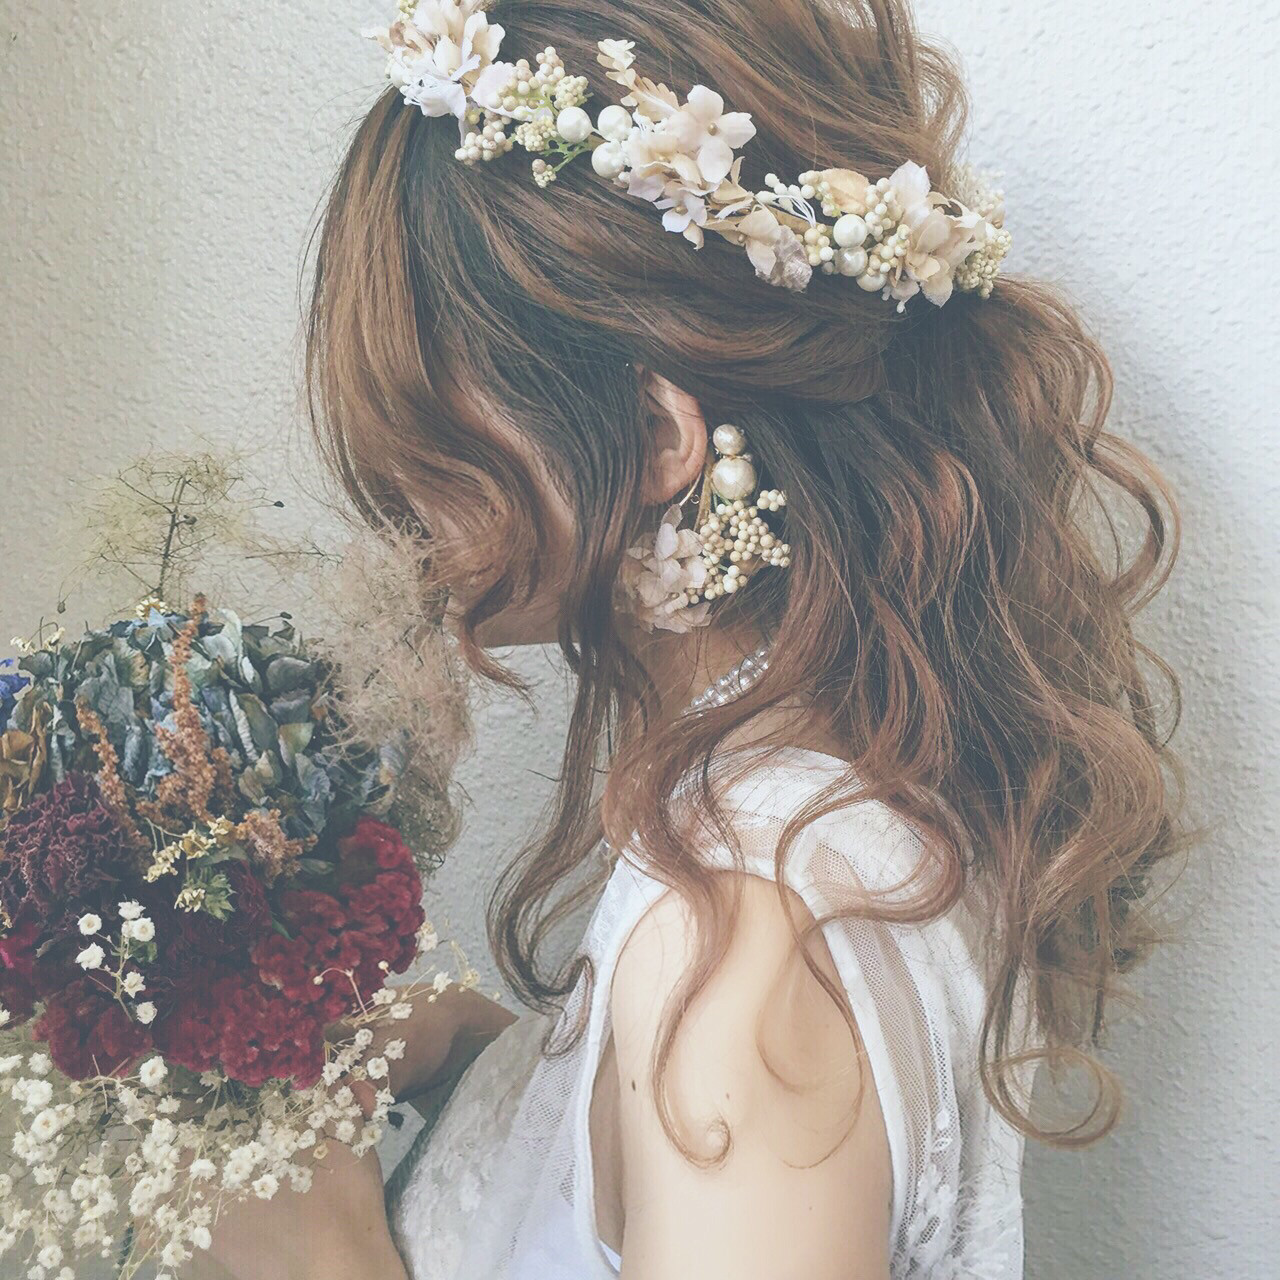 大事なのは髪型だけじゃない。結婚式でのオススメヘアカラー♡